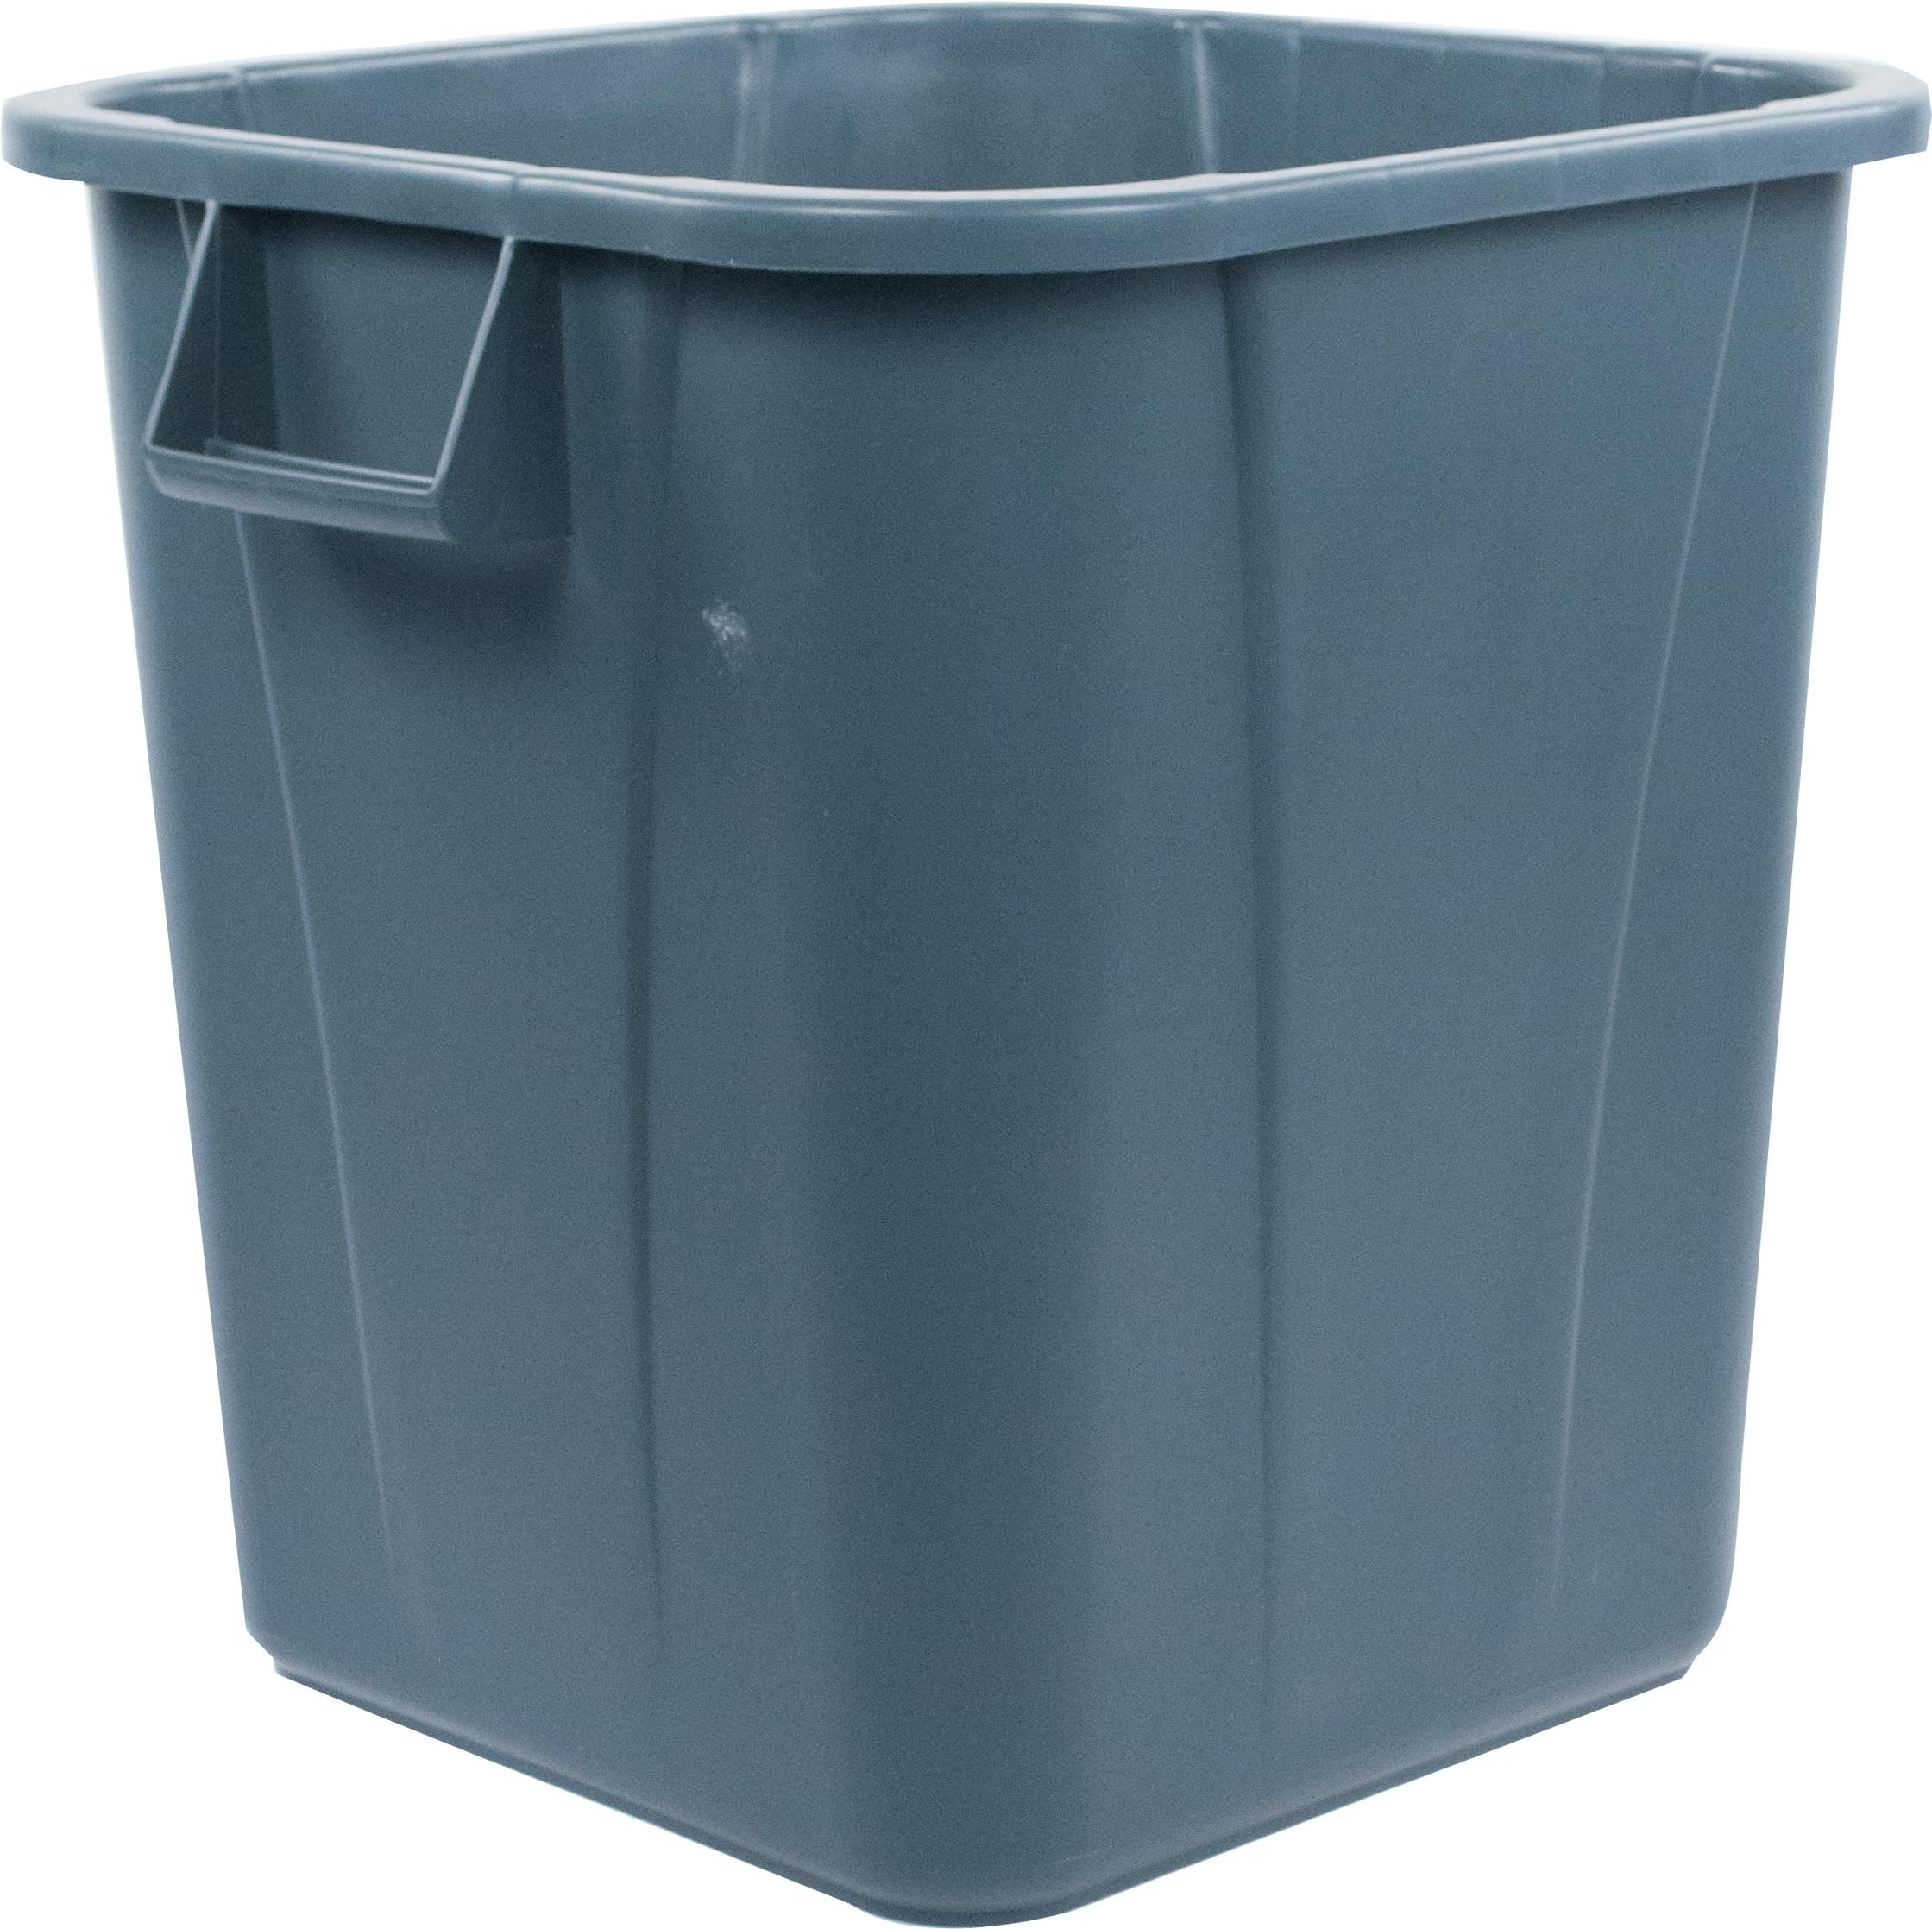 Bronco Square Waste Bin Trash Container 28 Gallon - Gray